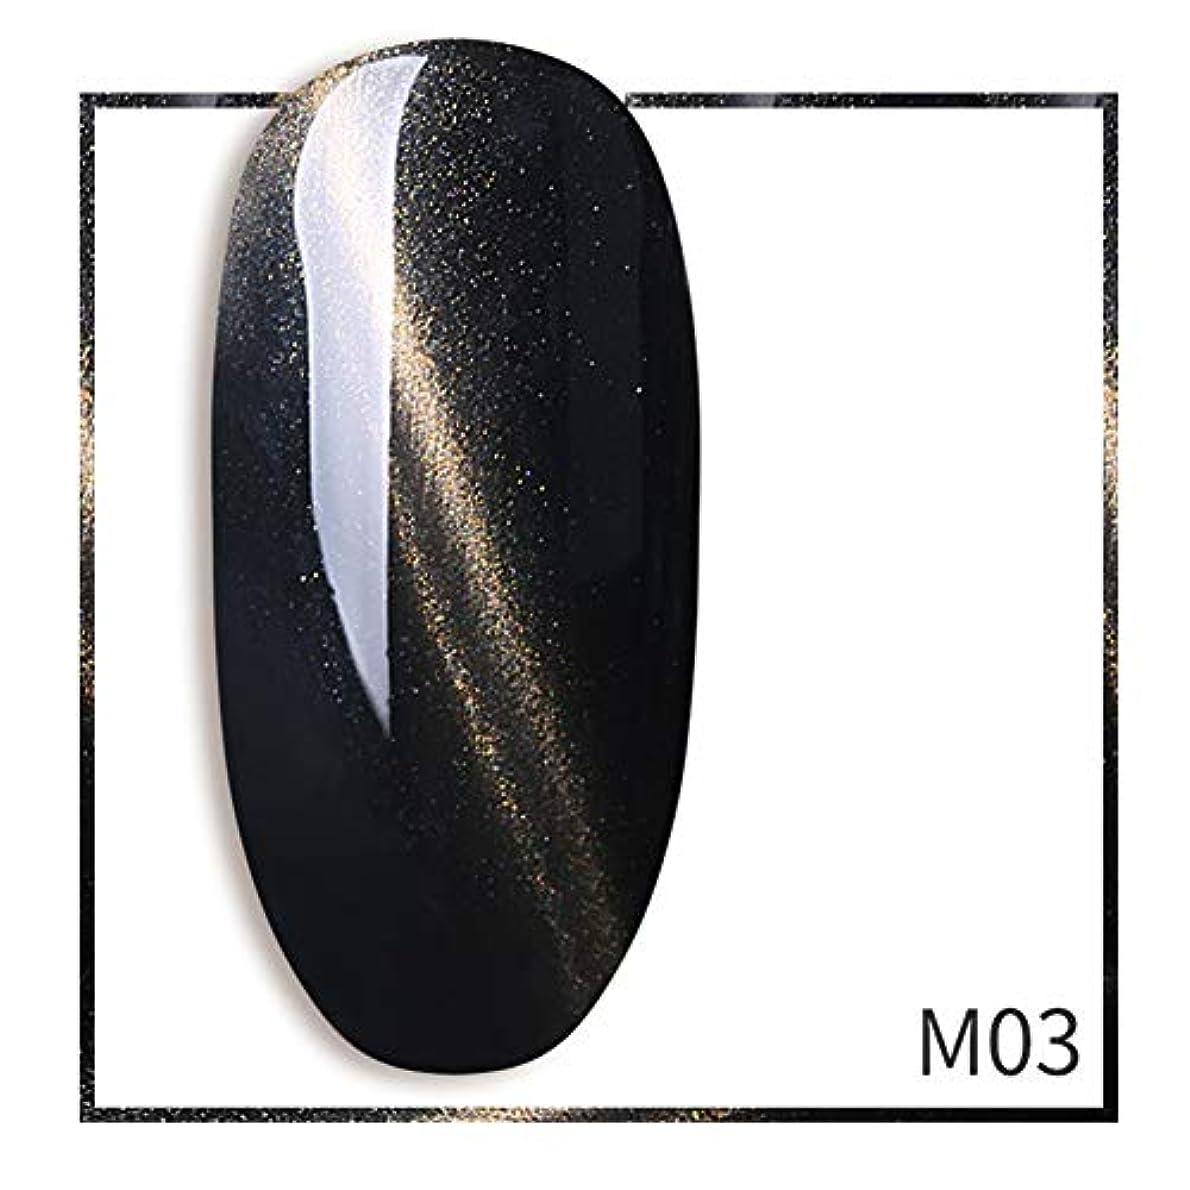 低いするうまれたACHICOO ネイルジェル 7ml グリッター キャットアイ ポリッシュジェル きらきら ネイルアート サロン ブラック-M03